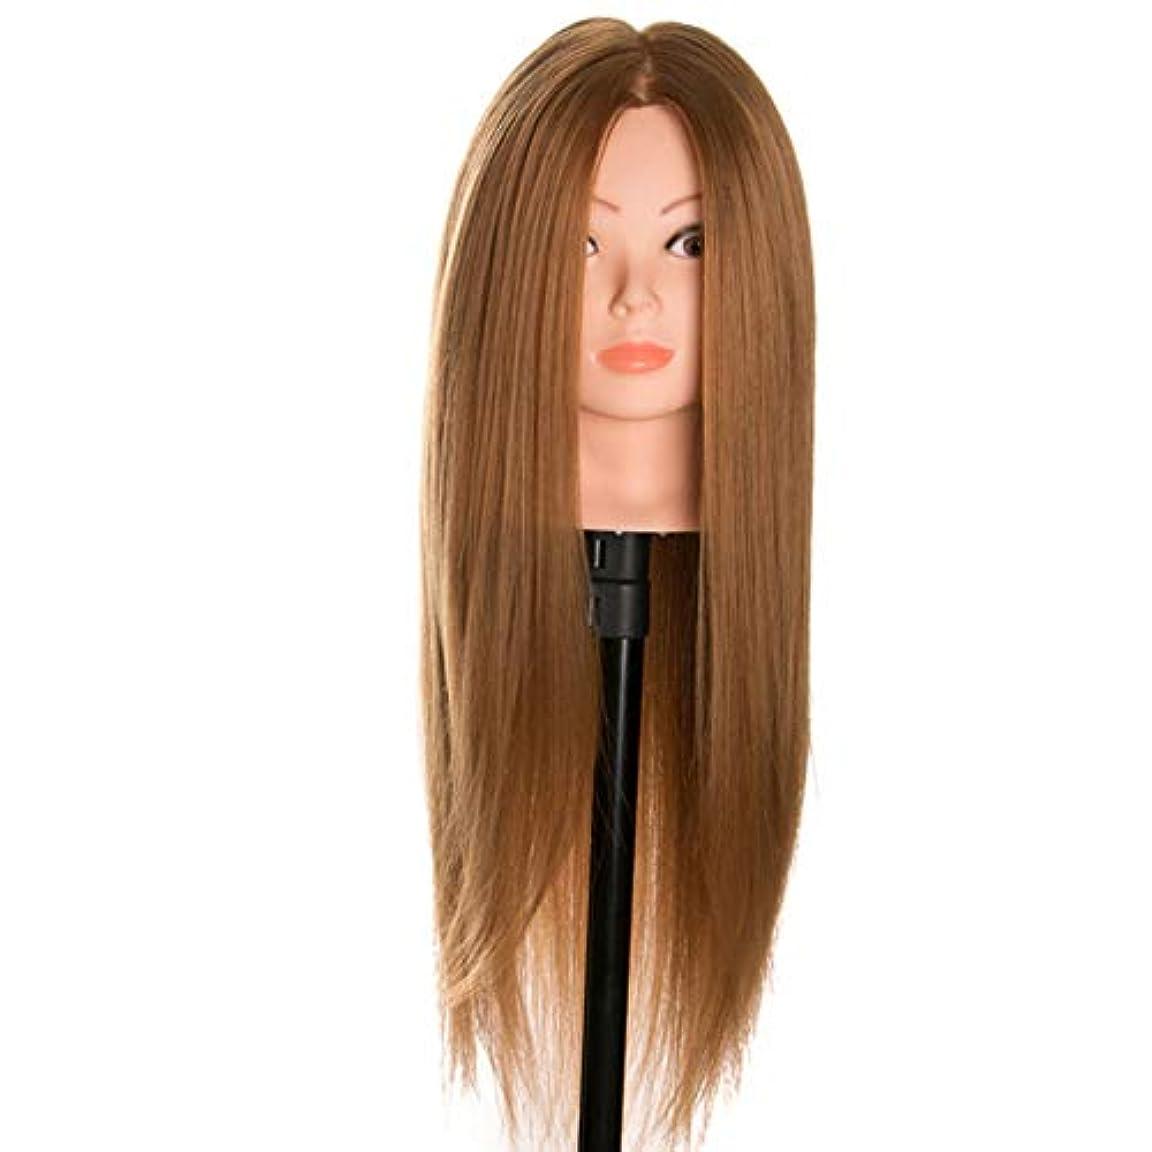 トリッキー生命体欠陥メイクディスクヘアスタイリング編み教育ダミーヘッド理髪ヘアカットトレーニングかつらサロンエクササイズヘッド金型3個